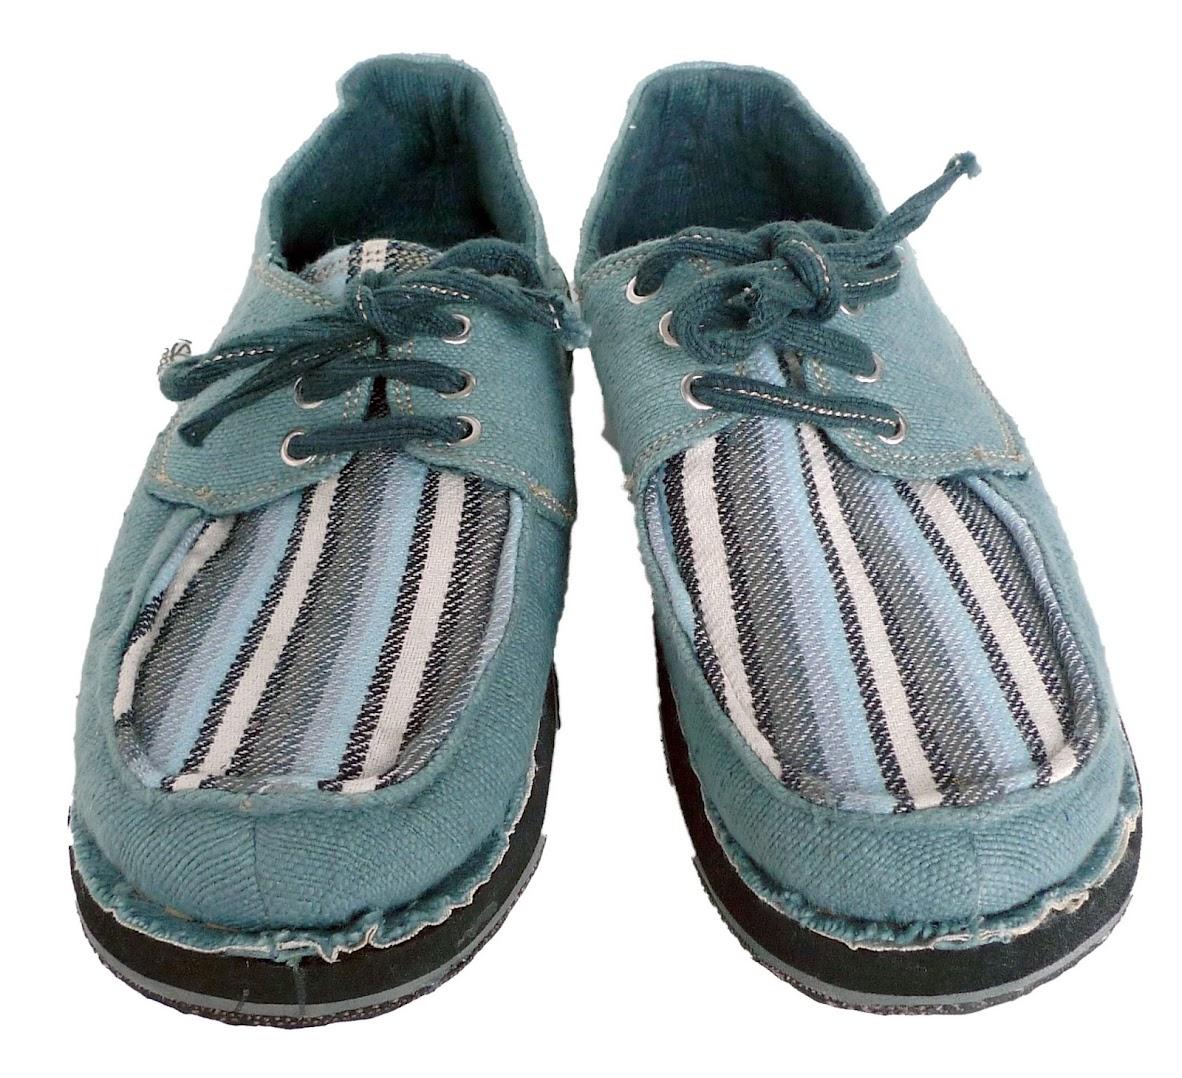 # soleRebels 非洲色彩圖騰帆船鞋:阿比西尼亞麻編織系列! 6